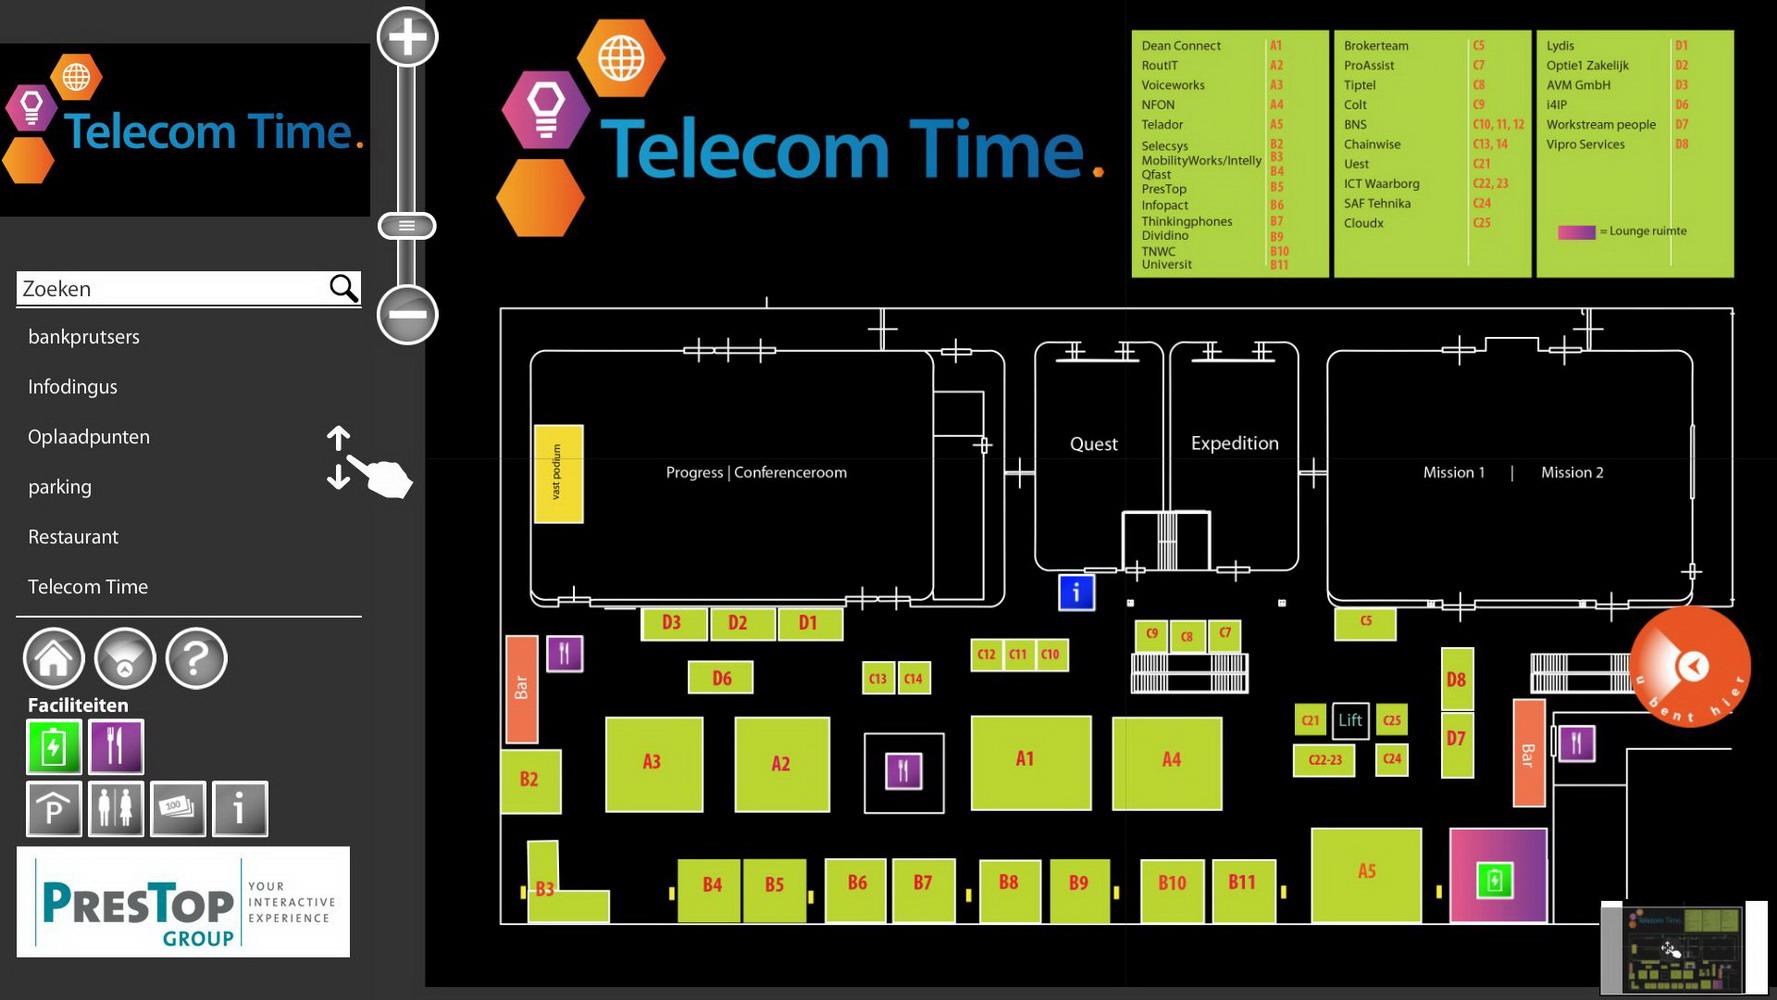 Wayfinding_Telecom Time (5)